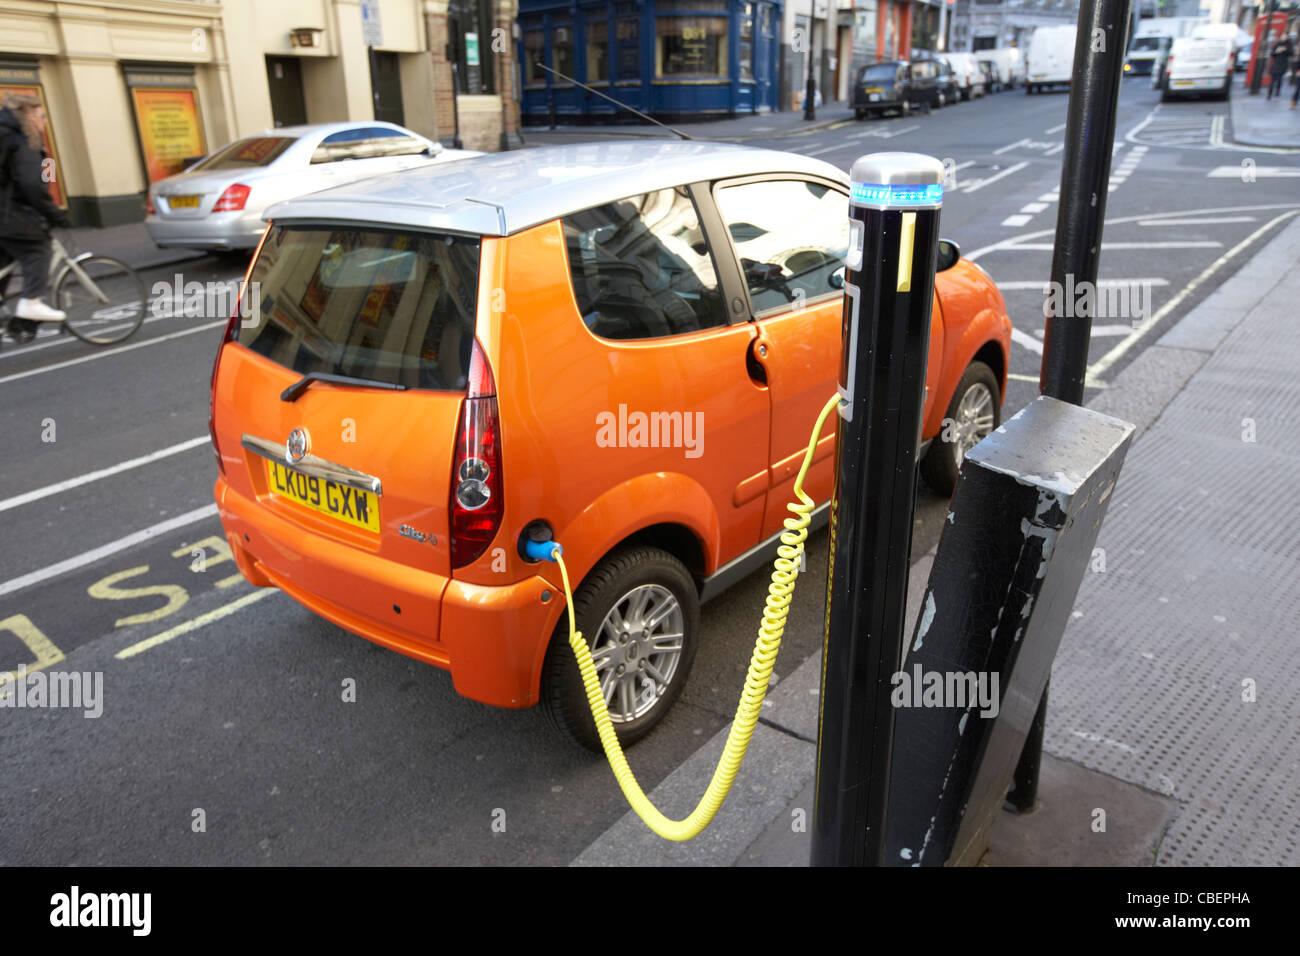 electric car charging point london england uk united kingdom - Stock Image